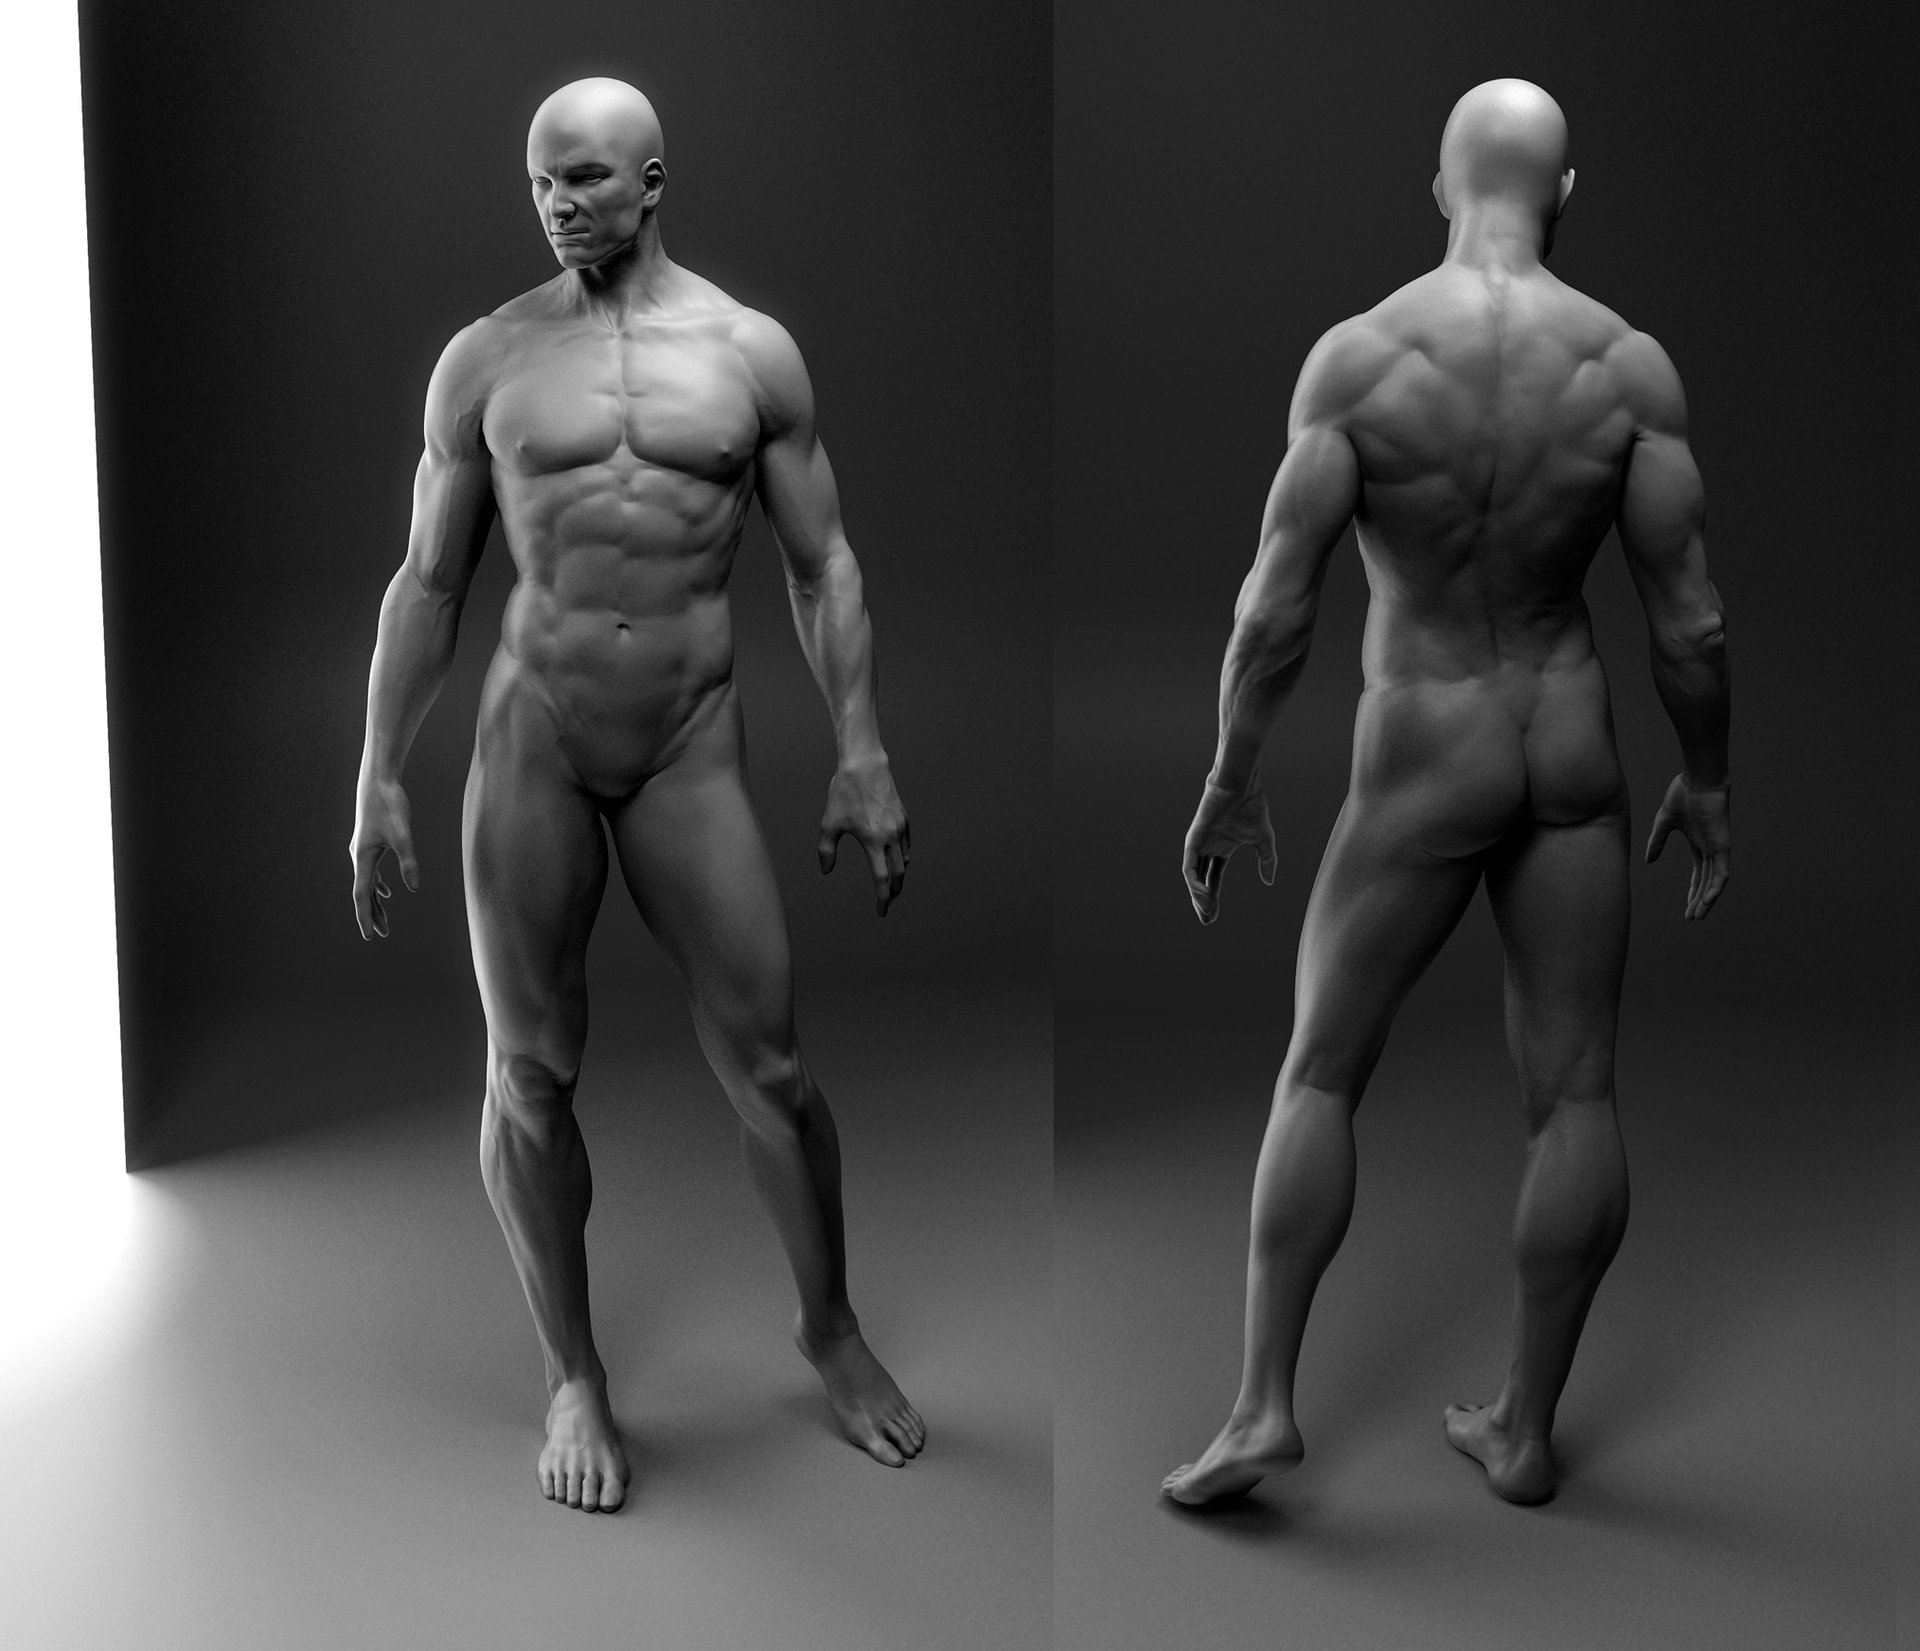 automob 3d anatomy tutorial - HD1920×1651